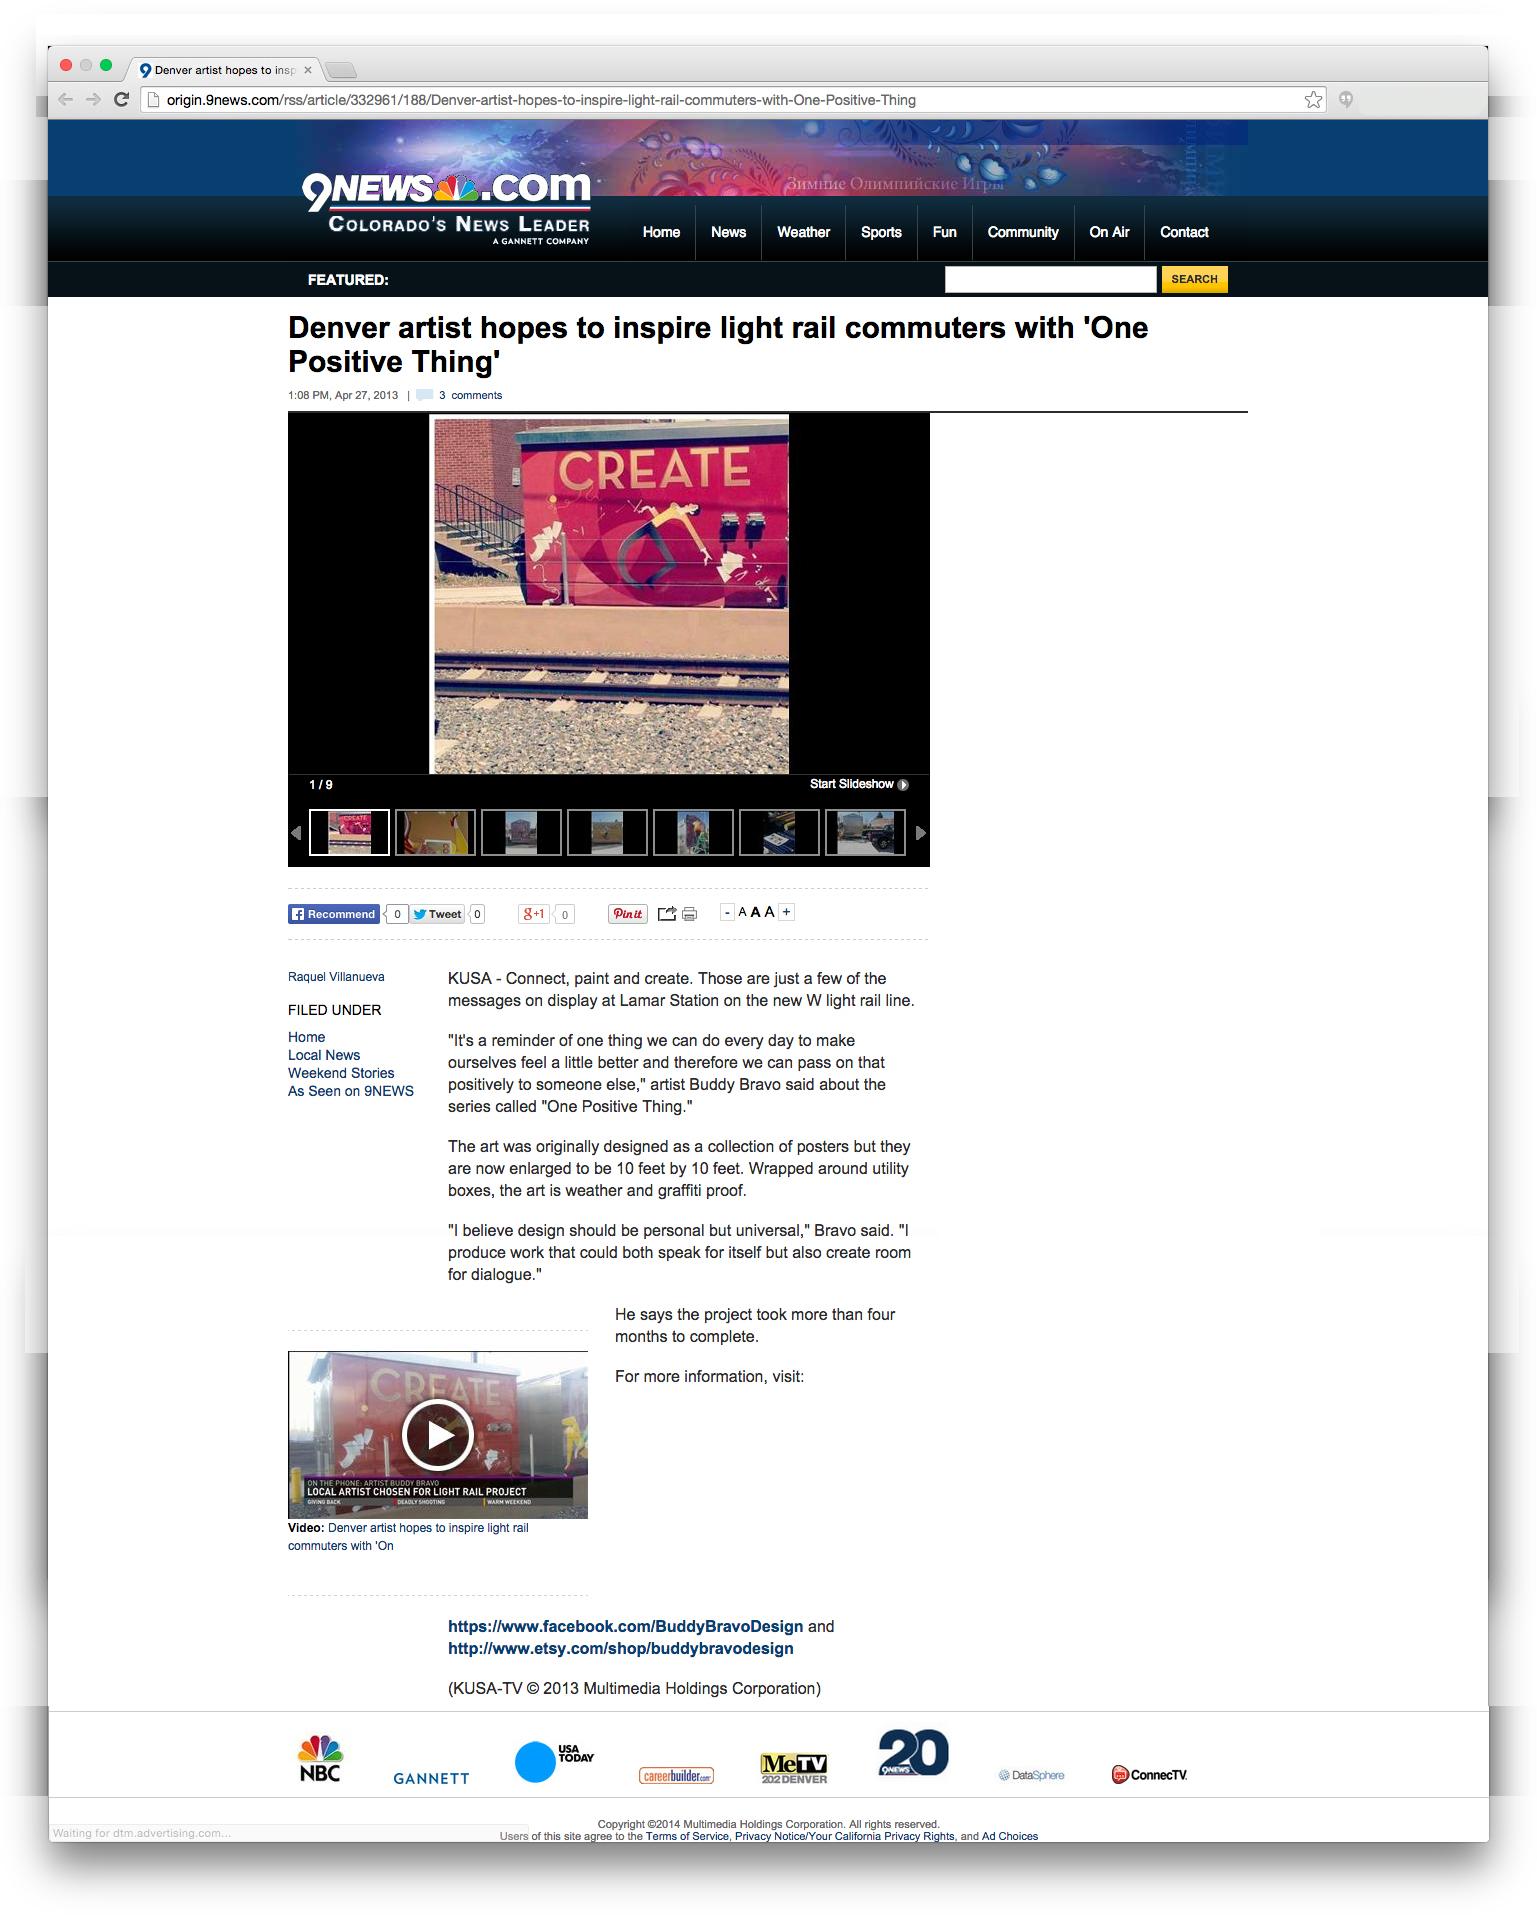 9News Denver